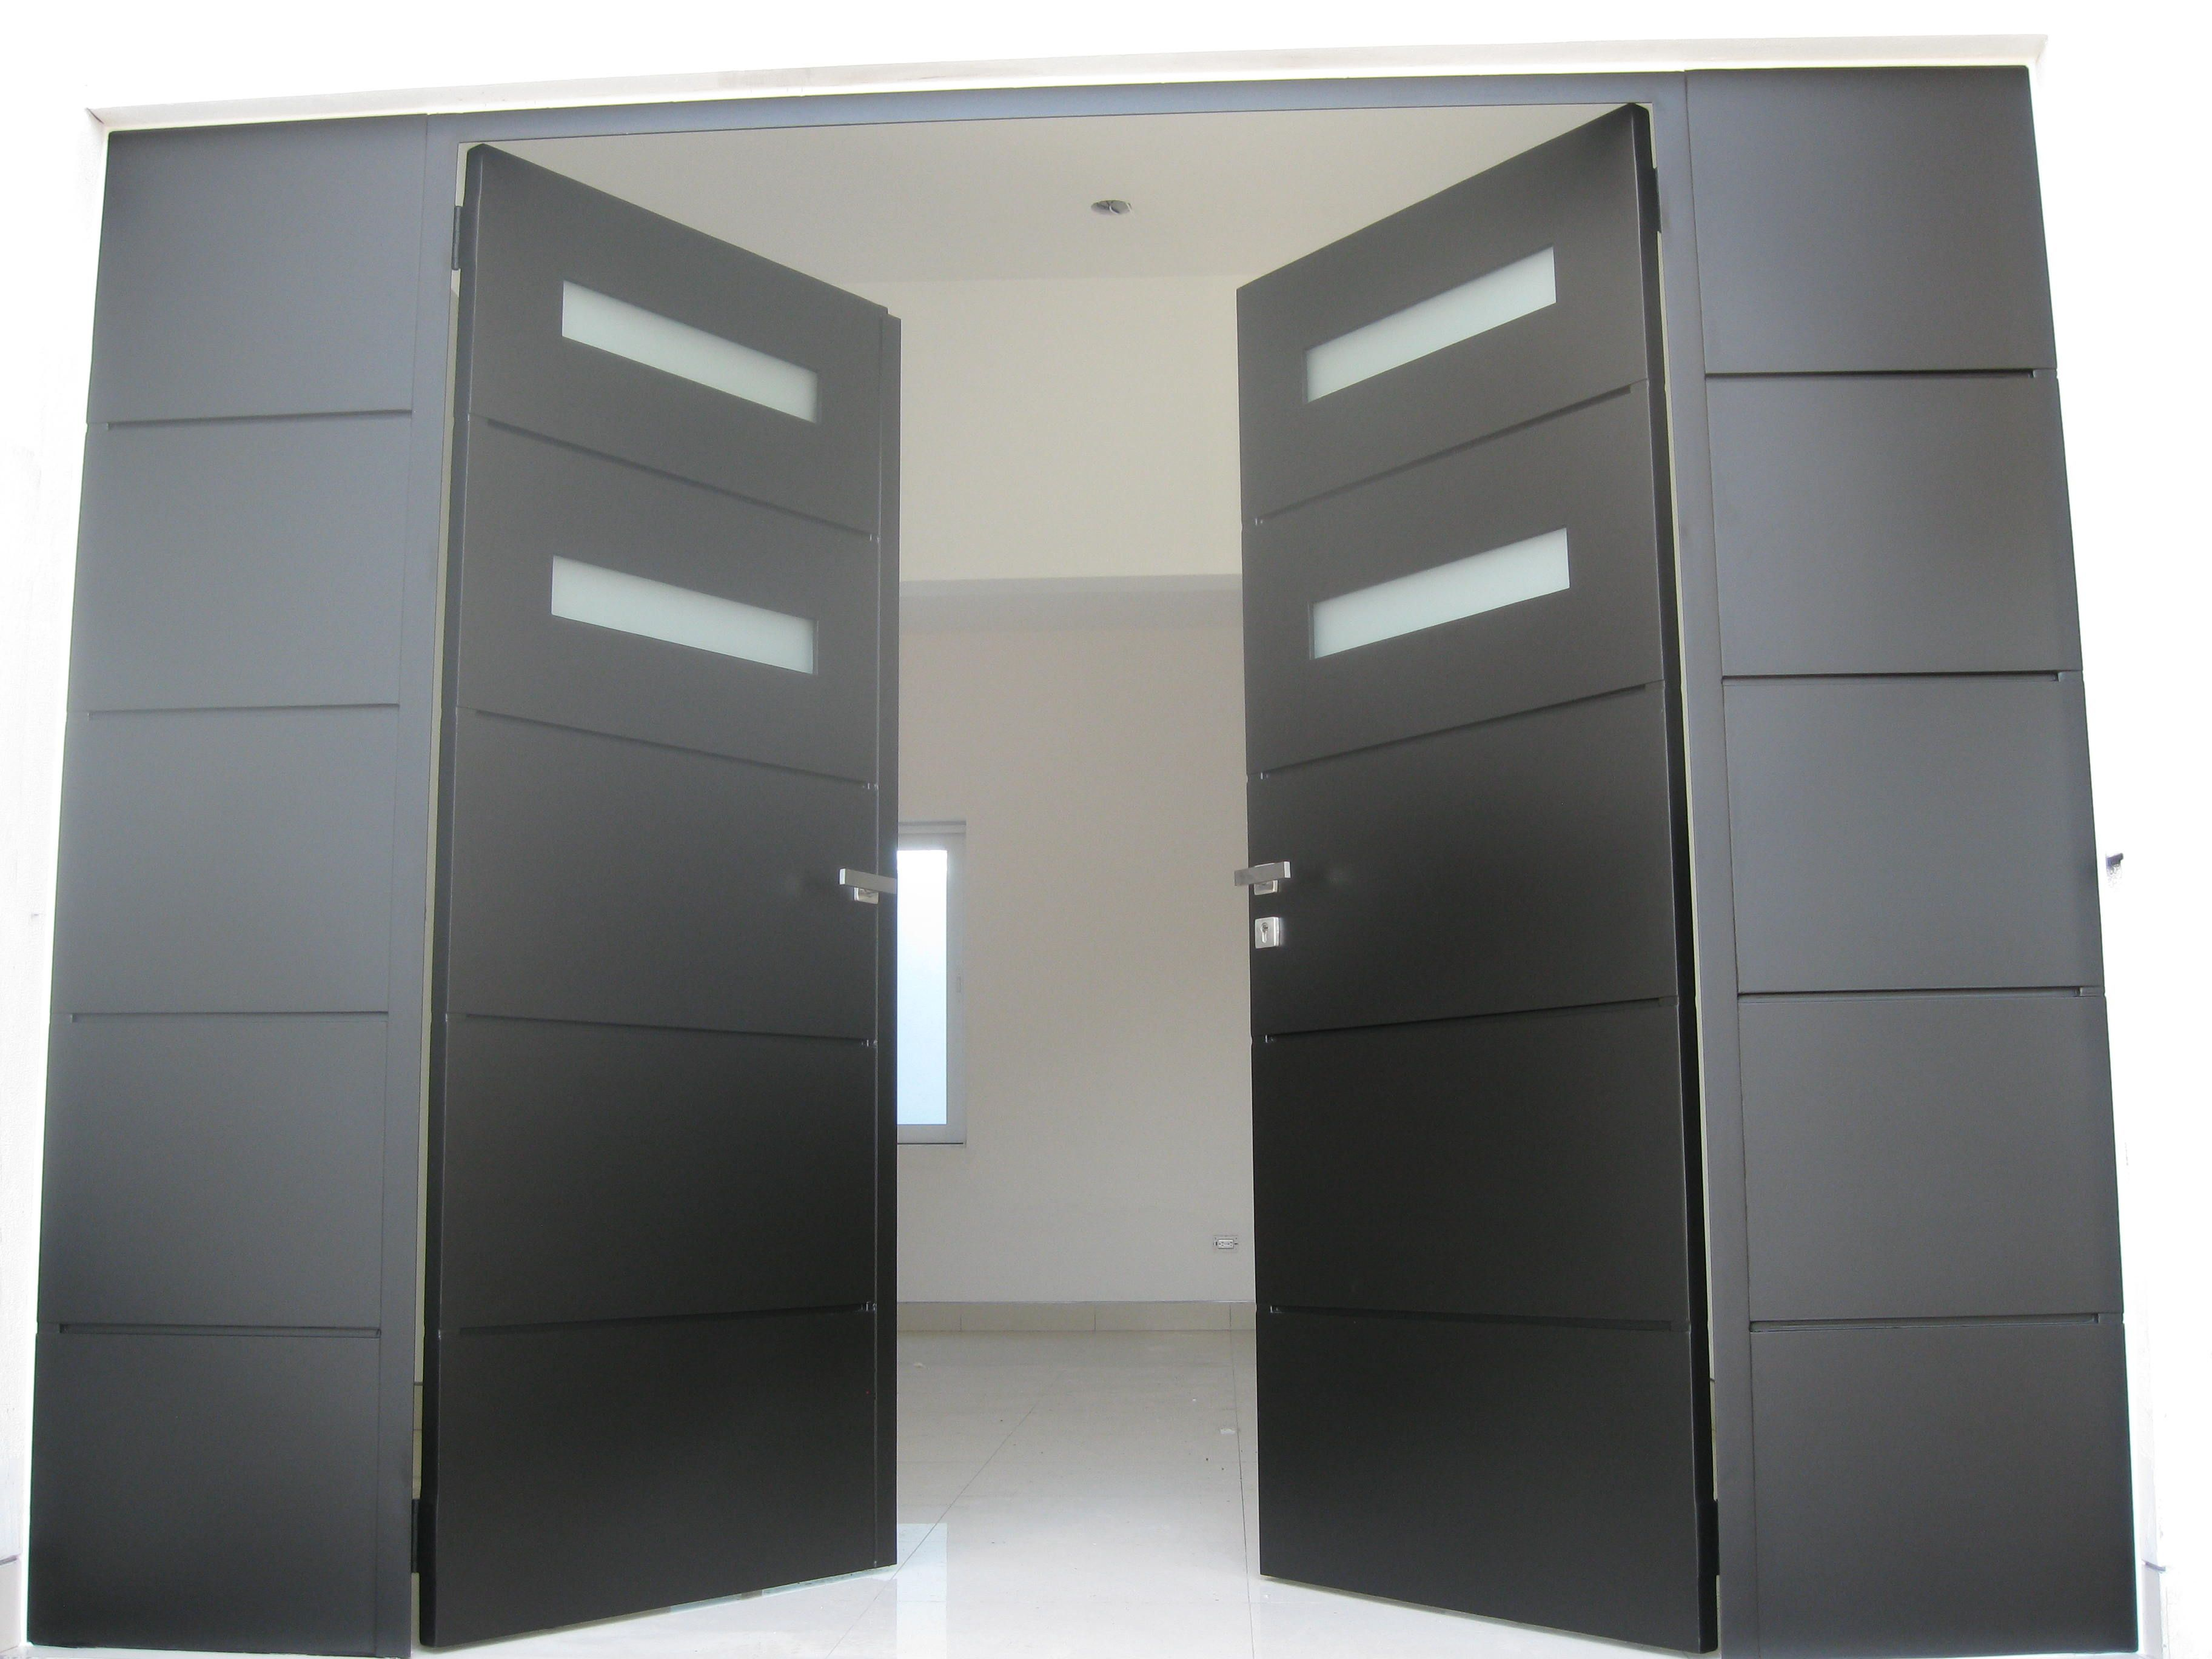 Porton pta herreria portones pinterest puertas for Portones de entrada principal